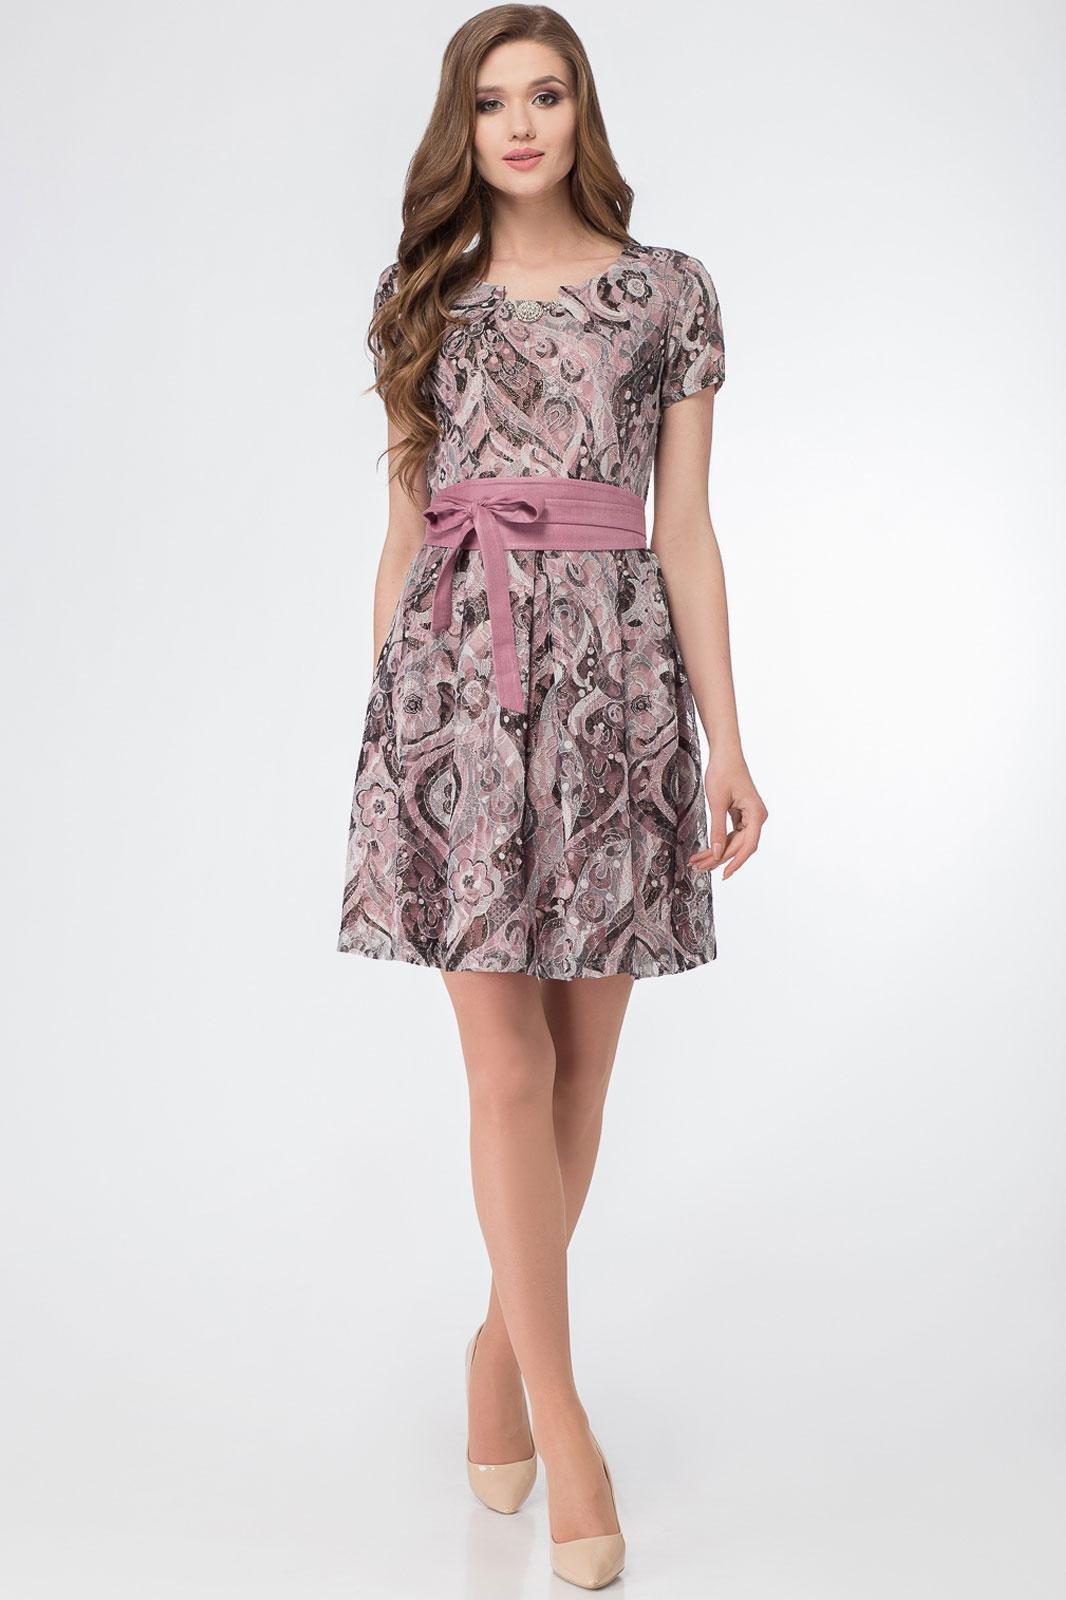 b23713611b1 ... Модная женская одежда оптом и в розницу из Беларуси